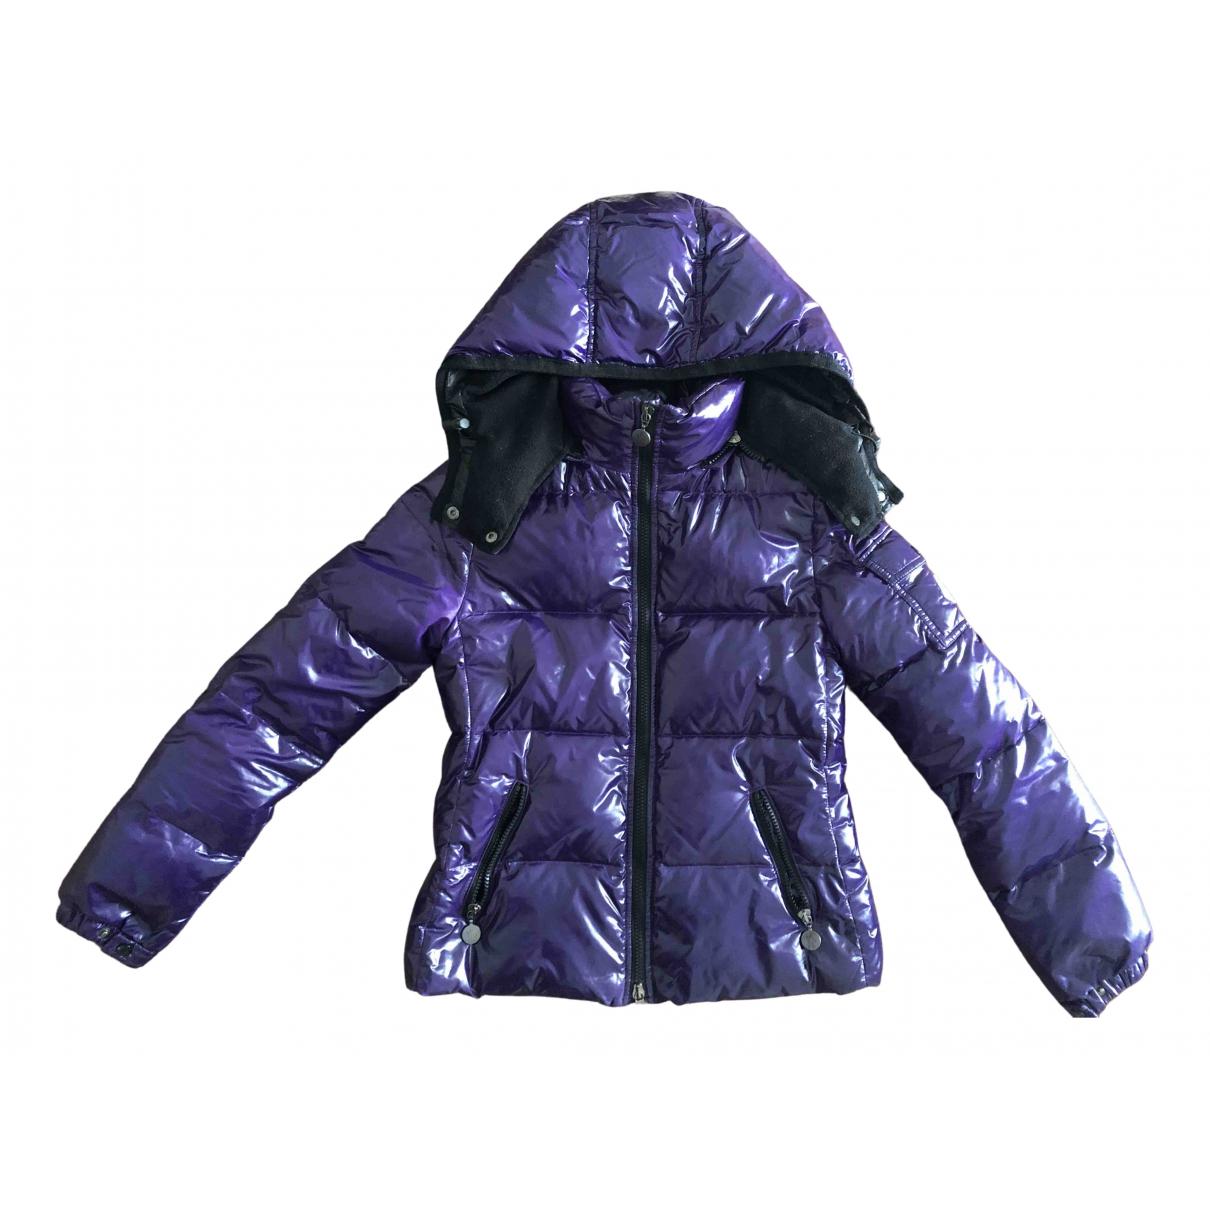 Moncler - Blousons.Manteaux Hood pour enfant - violet